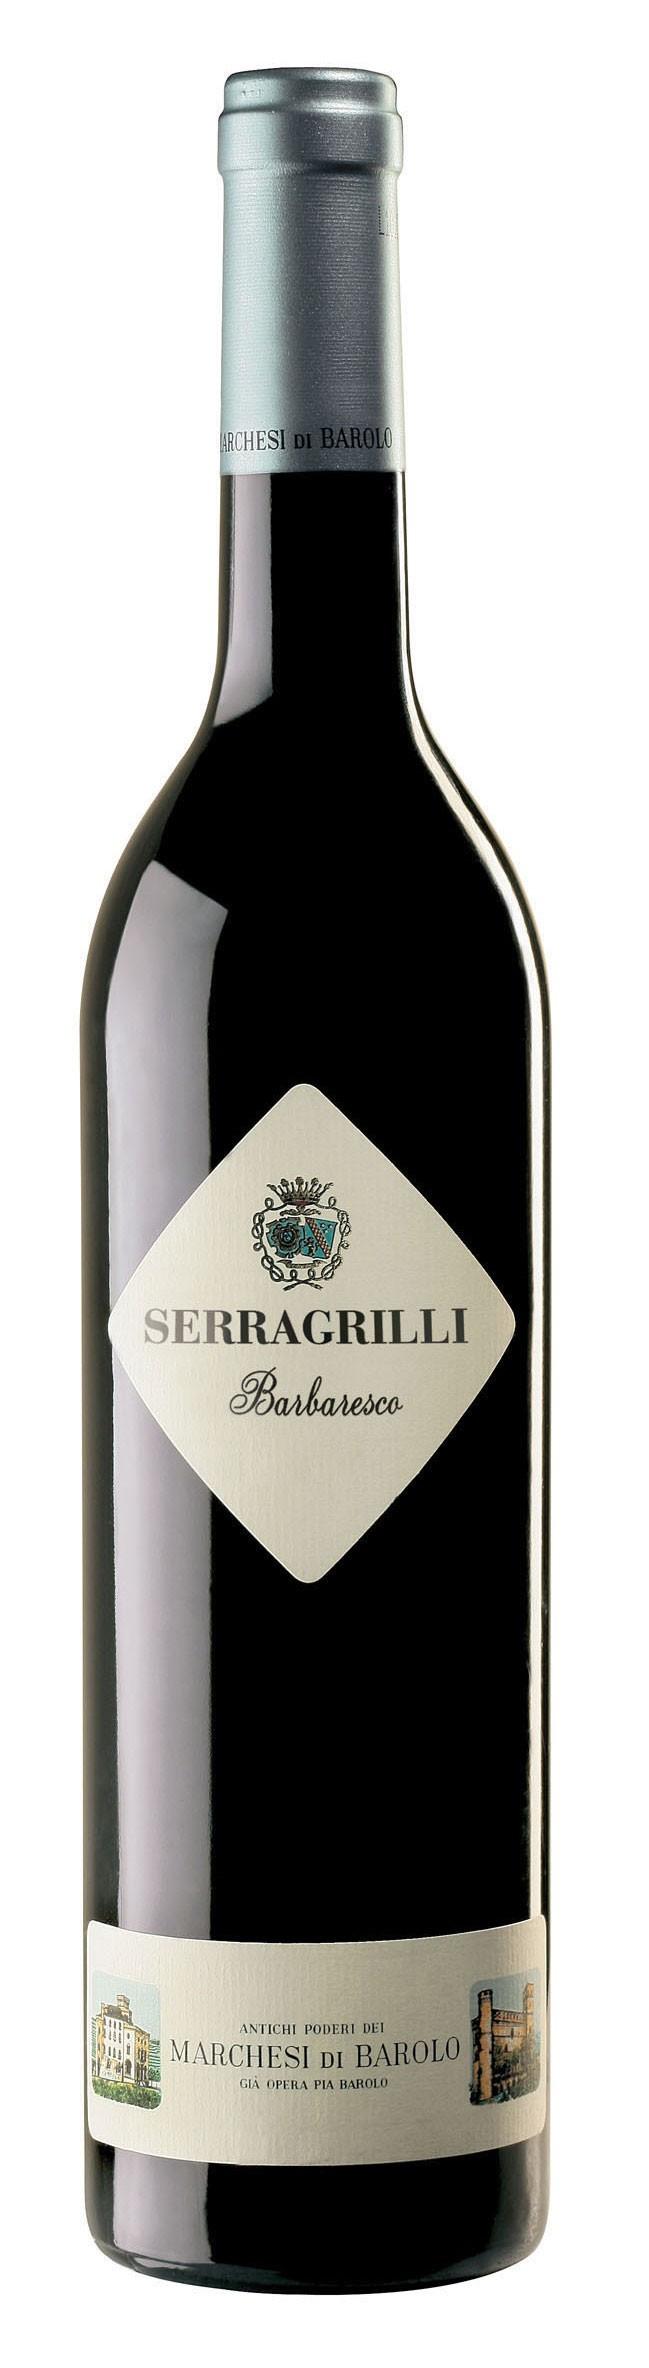 Barbaresco Serragrilli Marchesi di Barolo